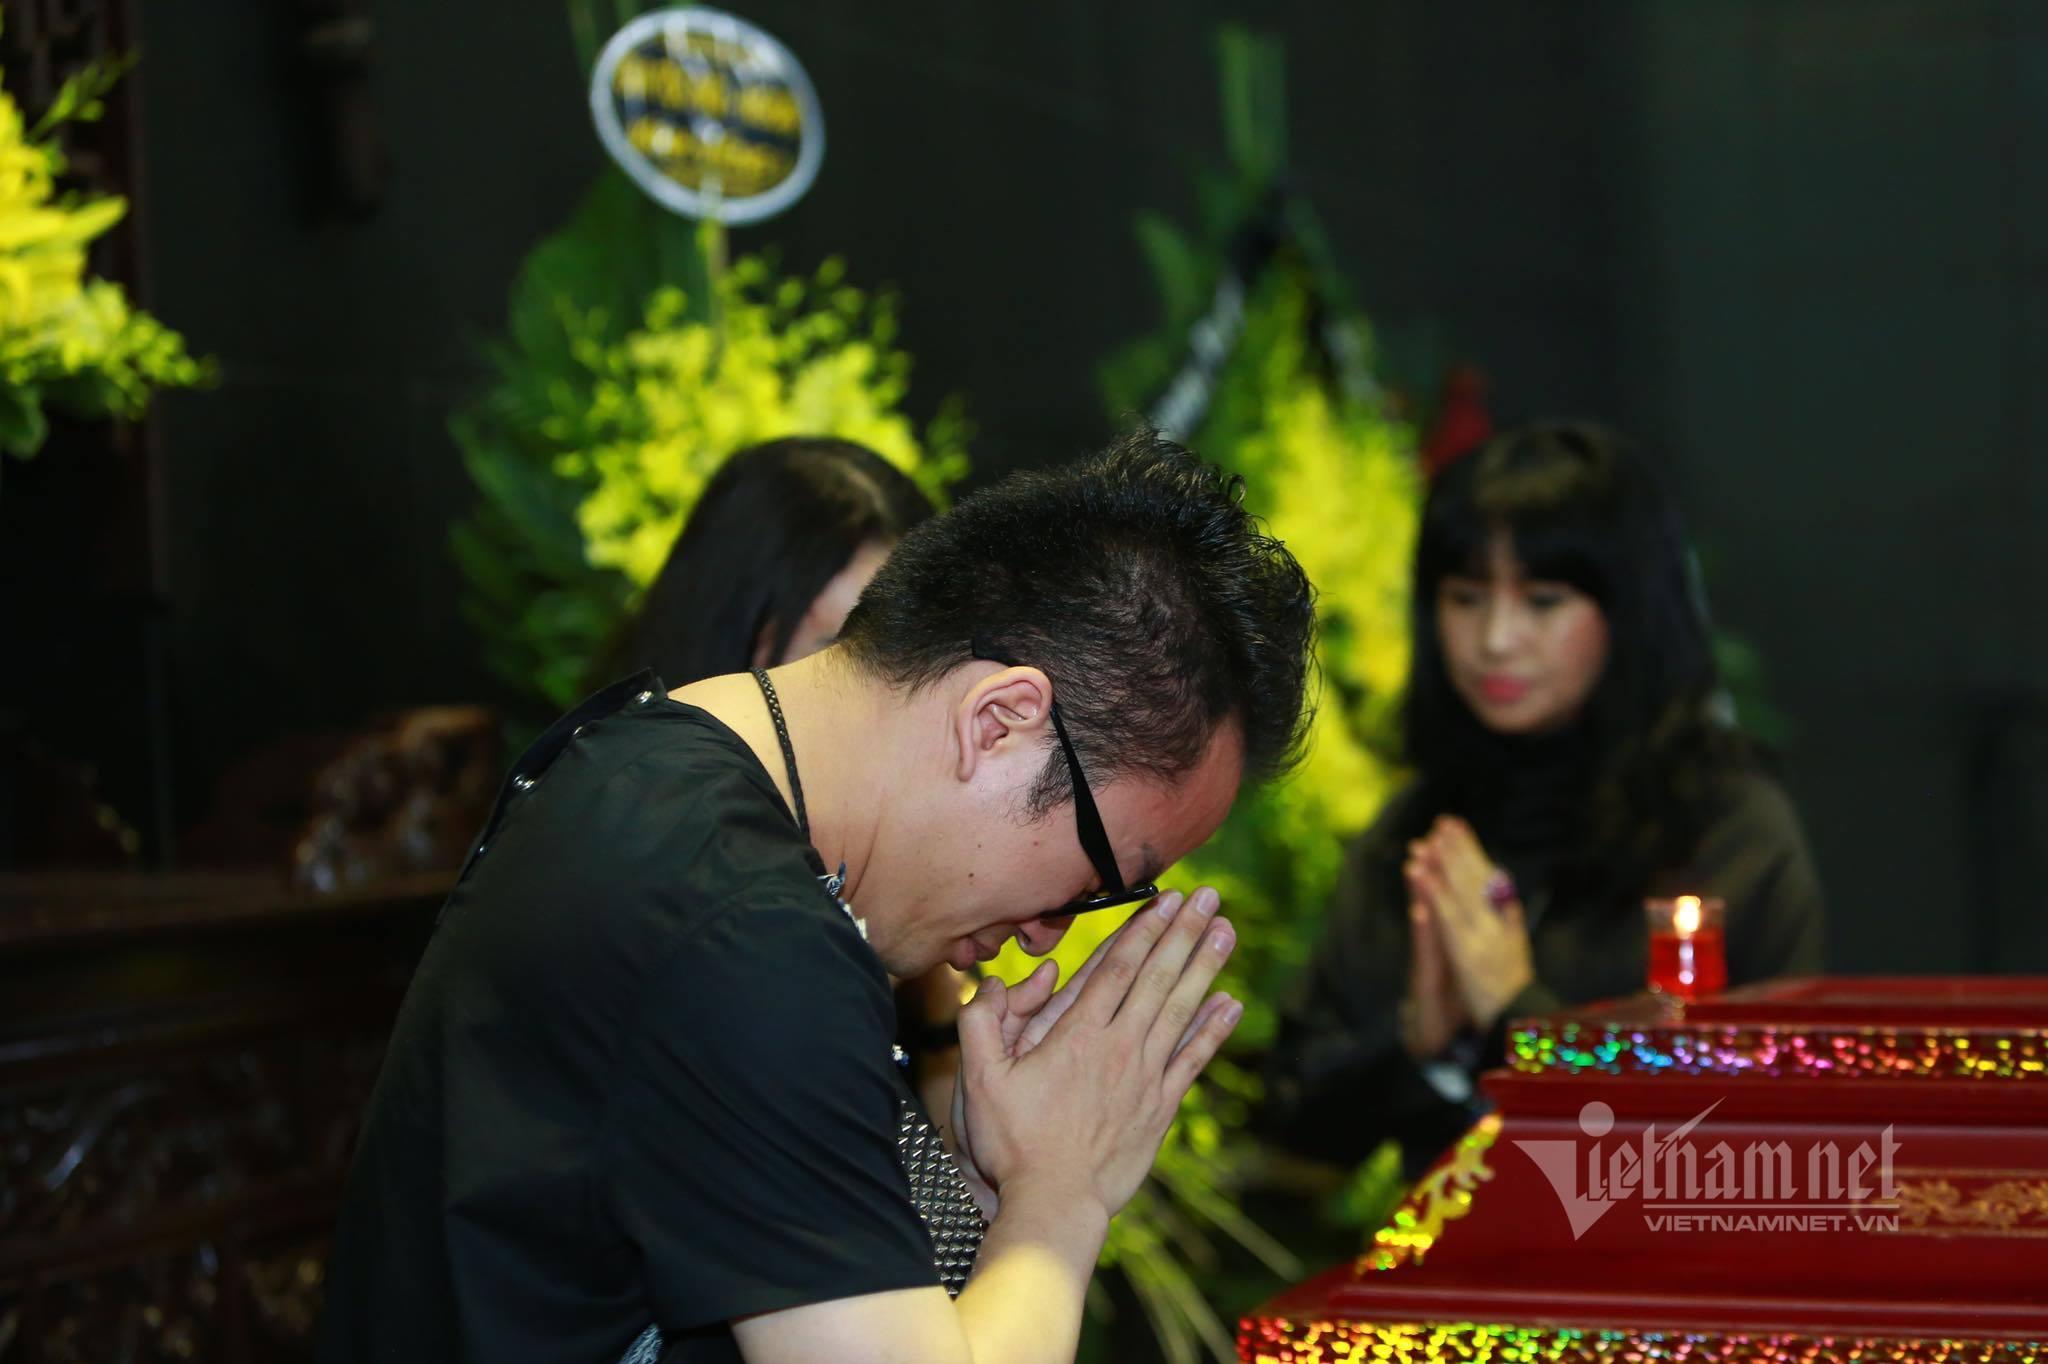 Tùng Dương, Thanh Lam bật khóc trước linh cữu nhạc sĩ Phó Đức Phương